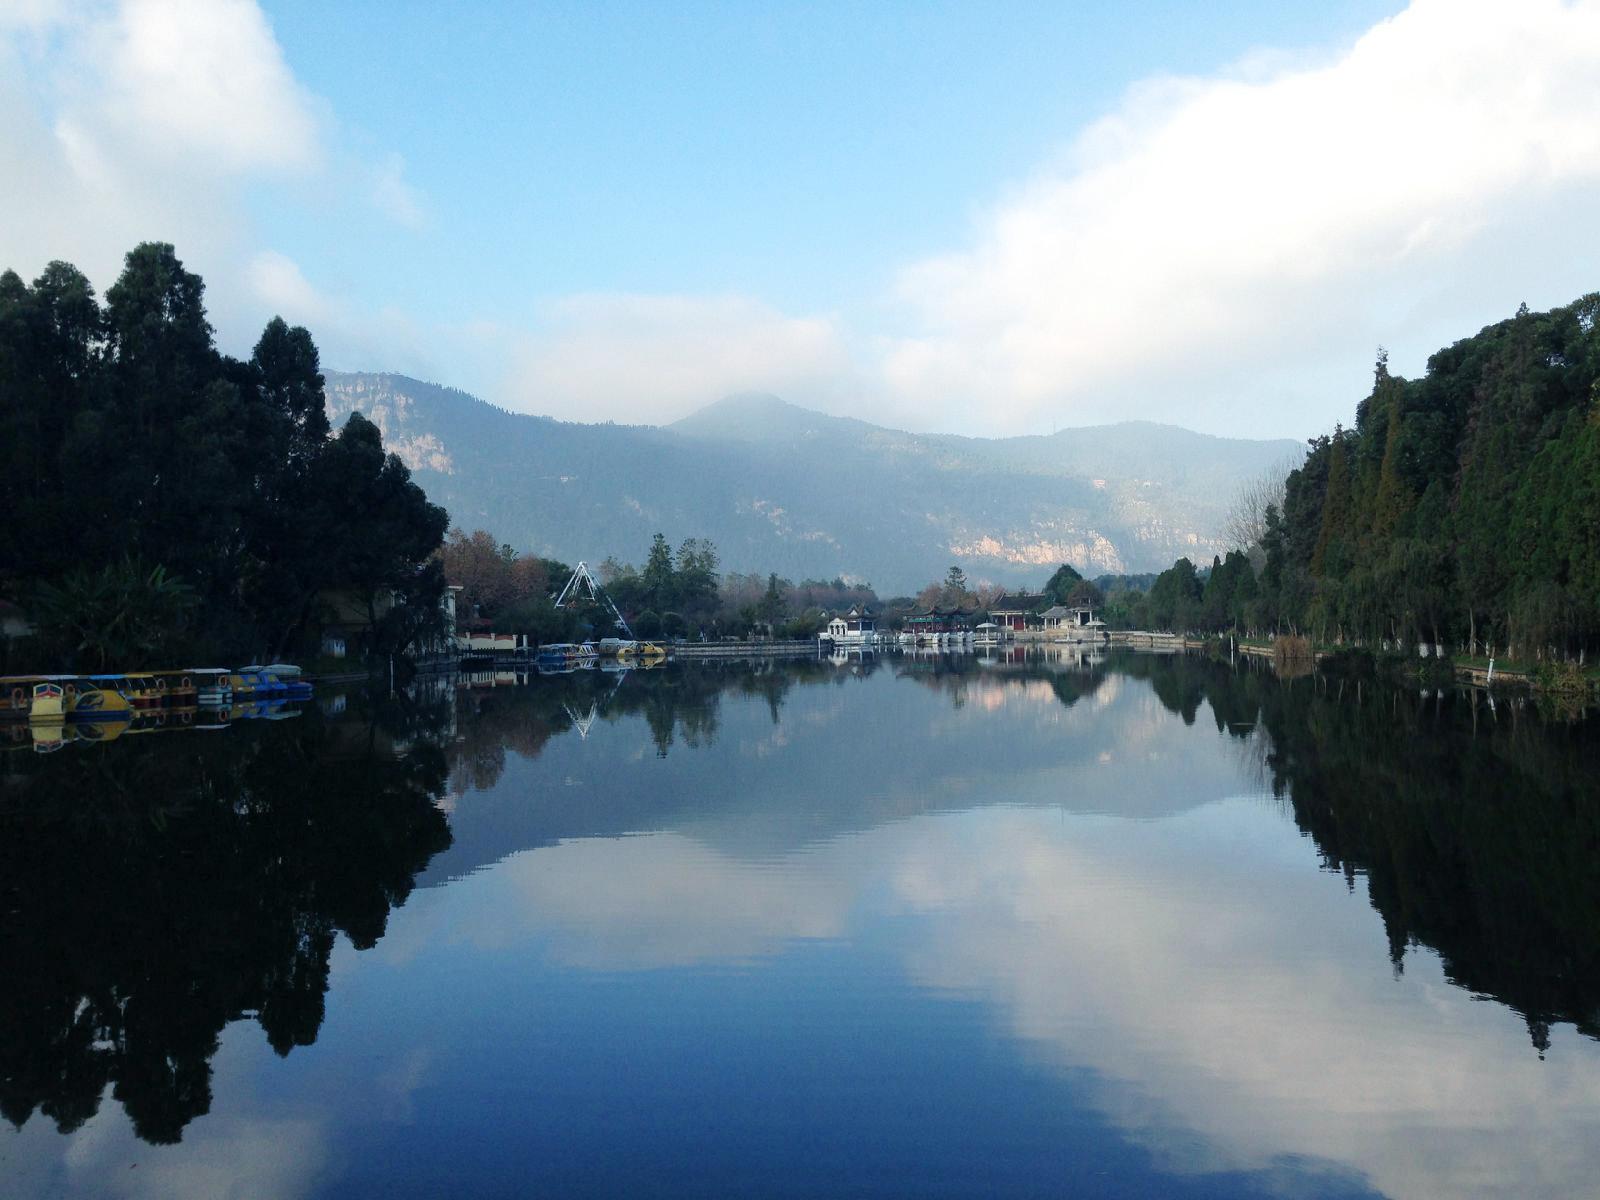 云南昆明山河风景照片